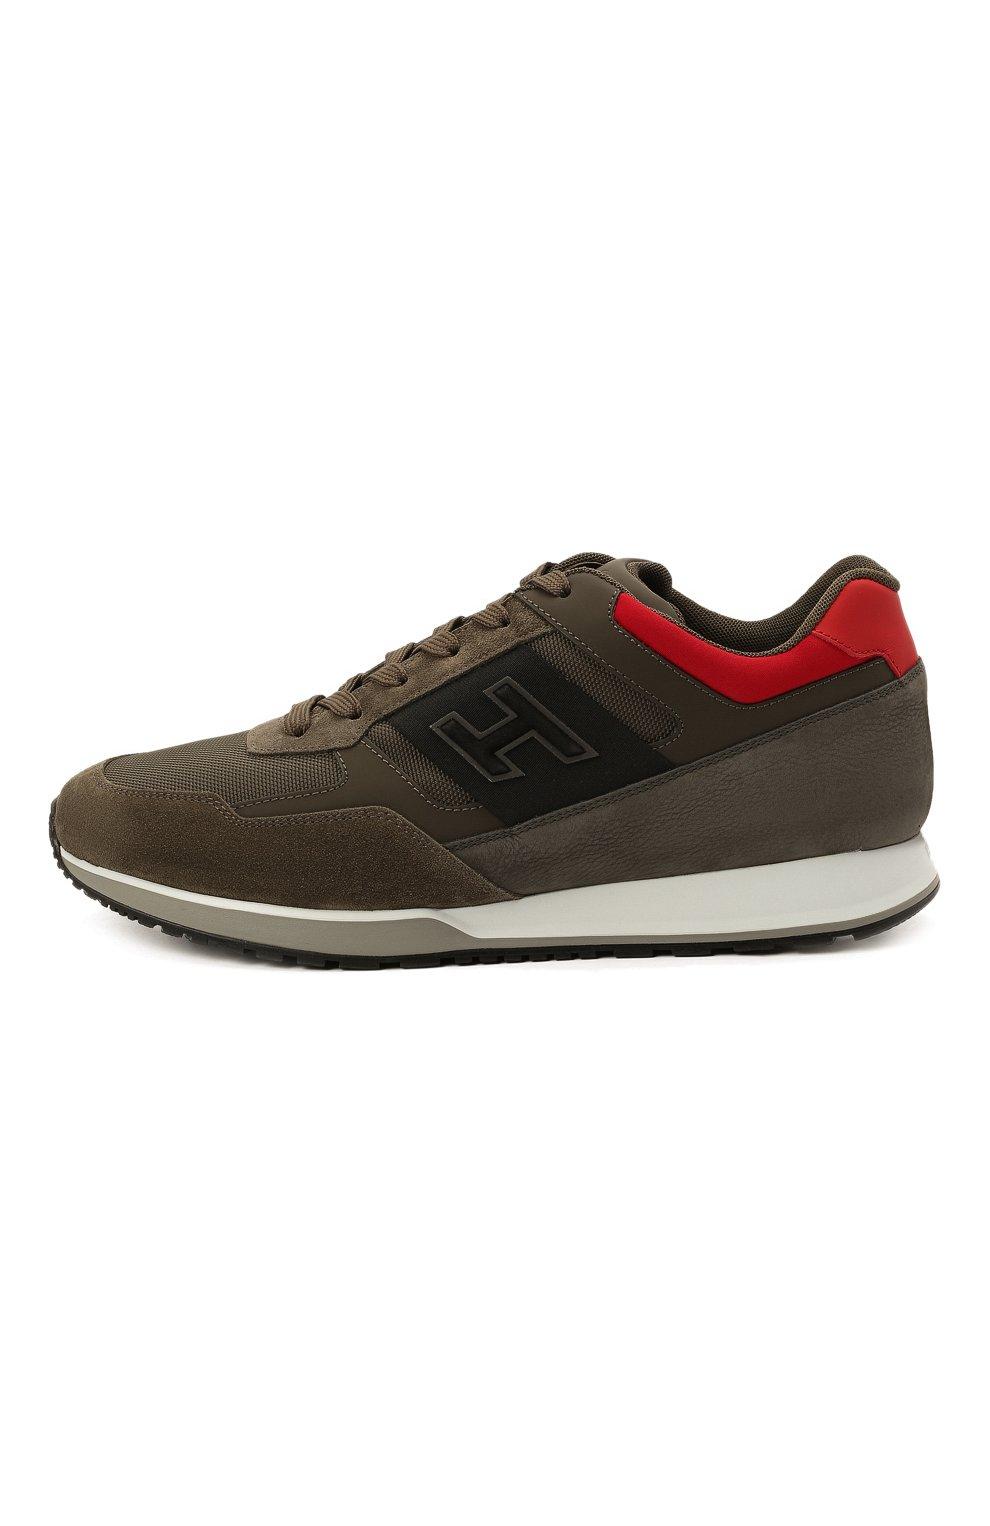 Мужские комбинированные кроссовки HOGAN хаки цвета, арт. HXM3210K790QCG   Фото 3 (Материал внешний: Текстиль; Материал внутренний: Натуральная кожа, Текстиль; Подошва: Массивная)